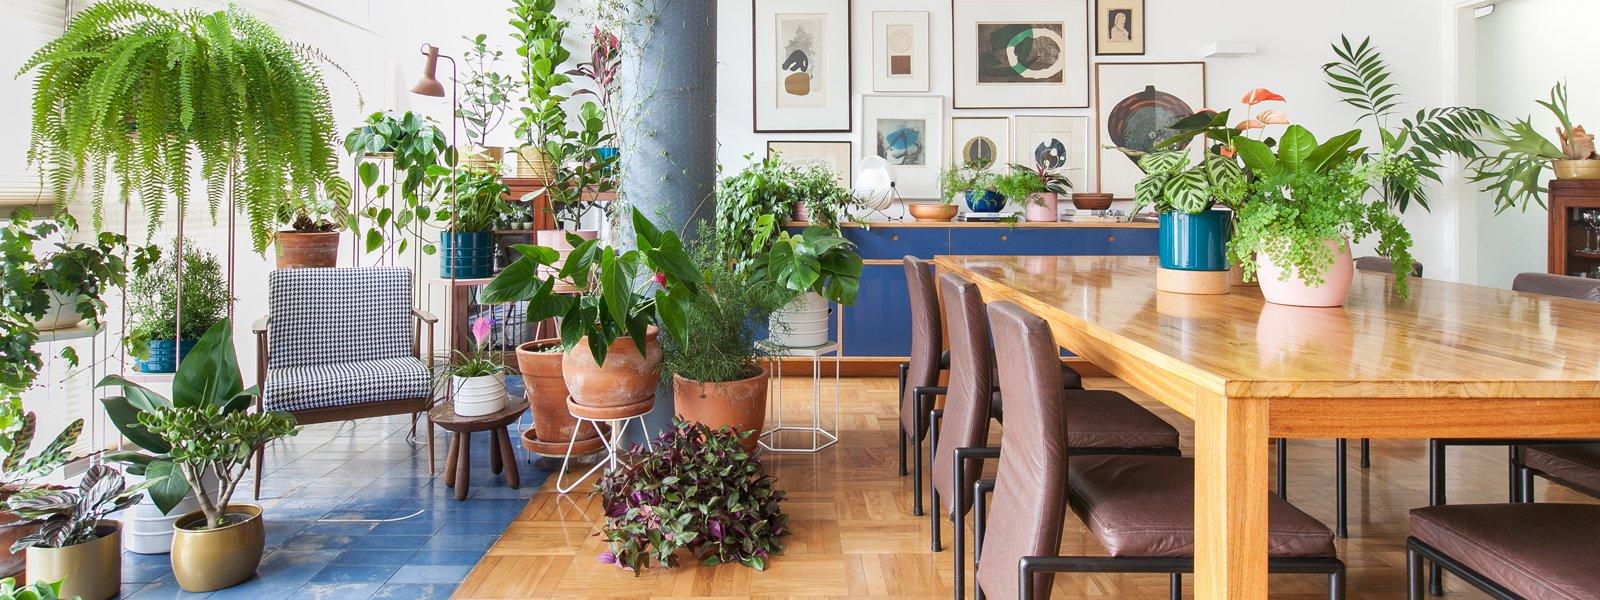 banner capa interna decoracao plantas dentro de casa historias de casa.jpg?resize=1200,630 - 10 plantas que vão bem em casa e apartamento: viver com estilo nunca foi tão fácil - e verde!